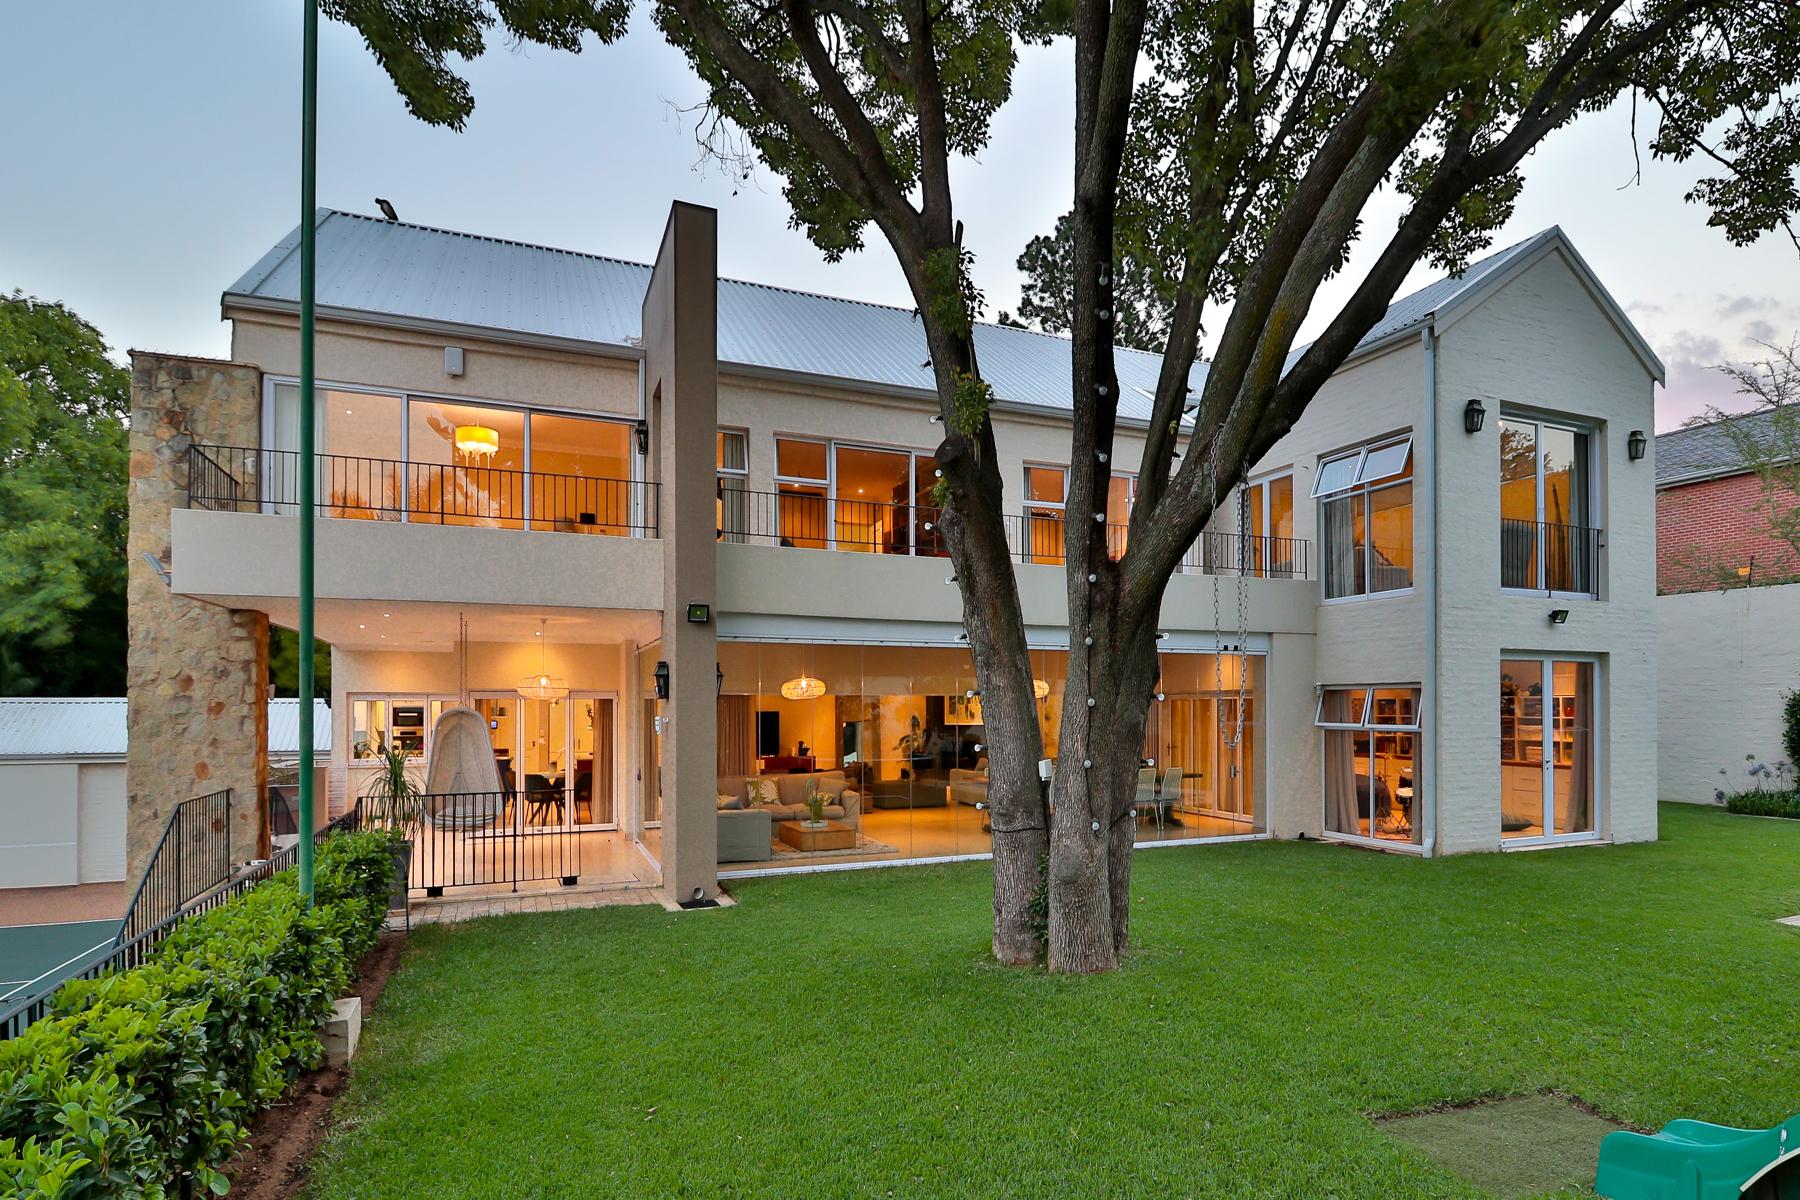 Частный односемейный дом для того Продажа на Bryanston Johannesburg, Гаутенг, Южная Африка